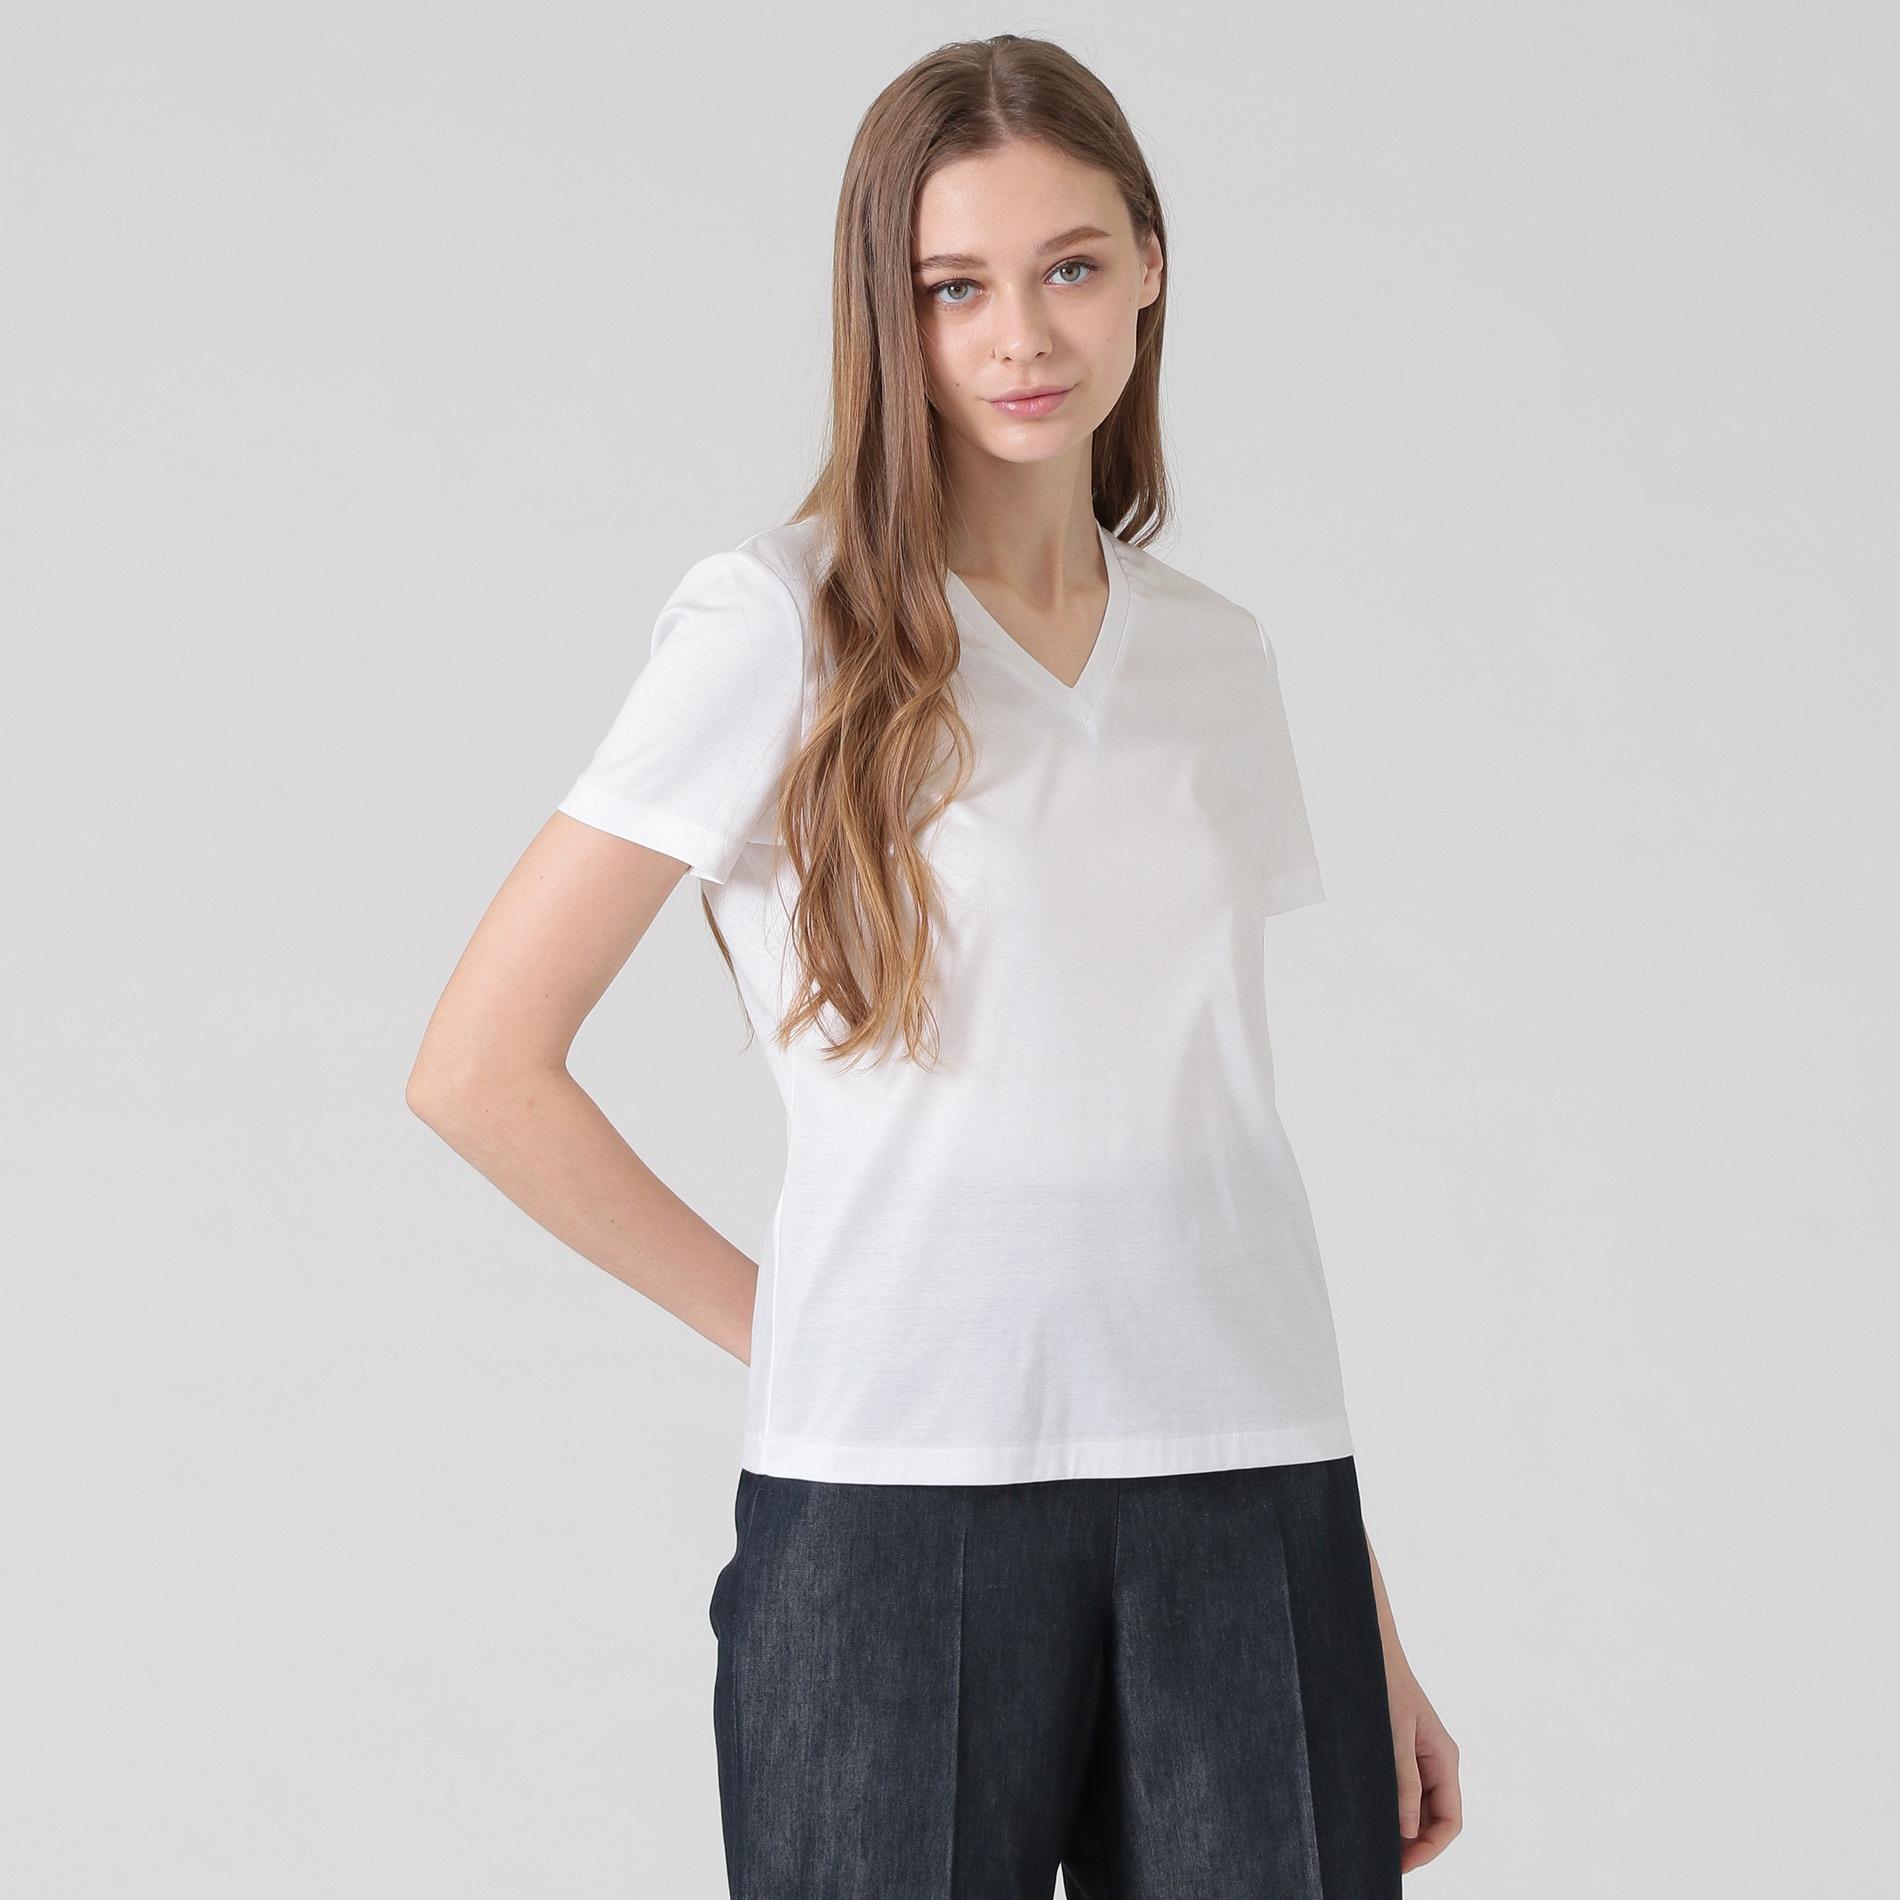 スーピマコットンVネックTシャツ